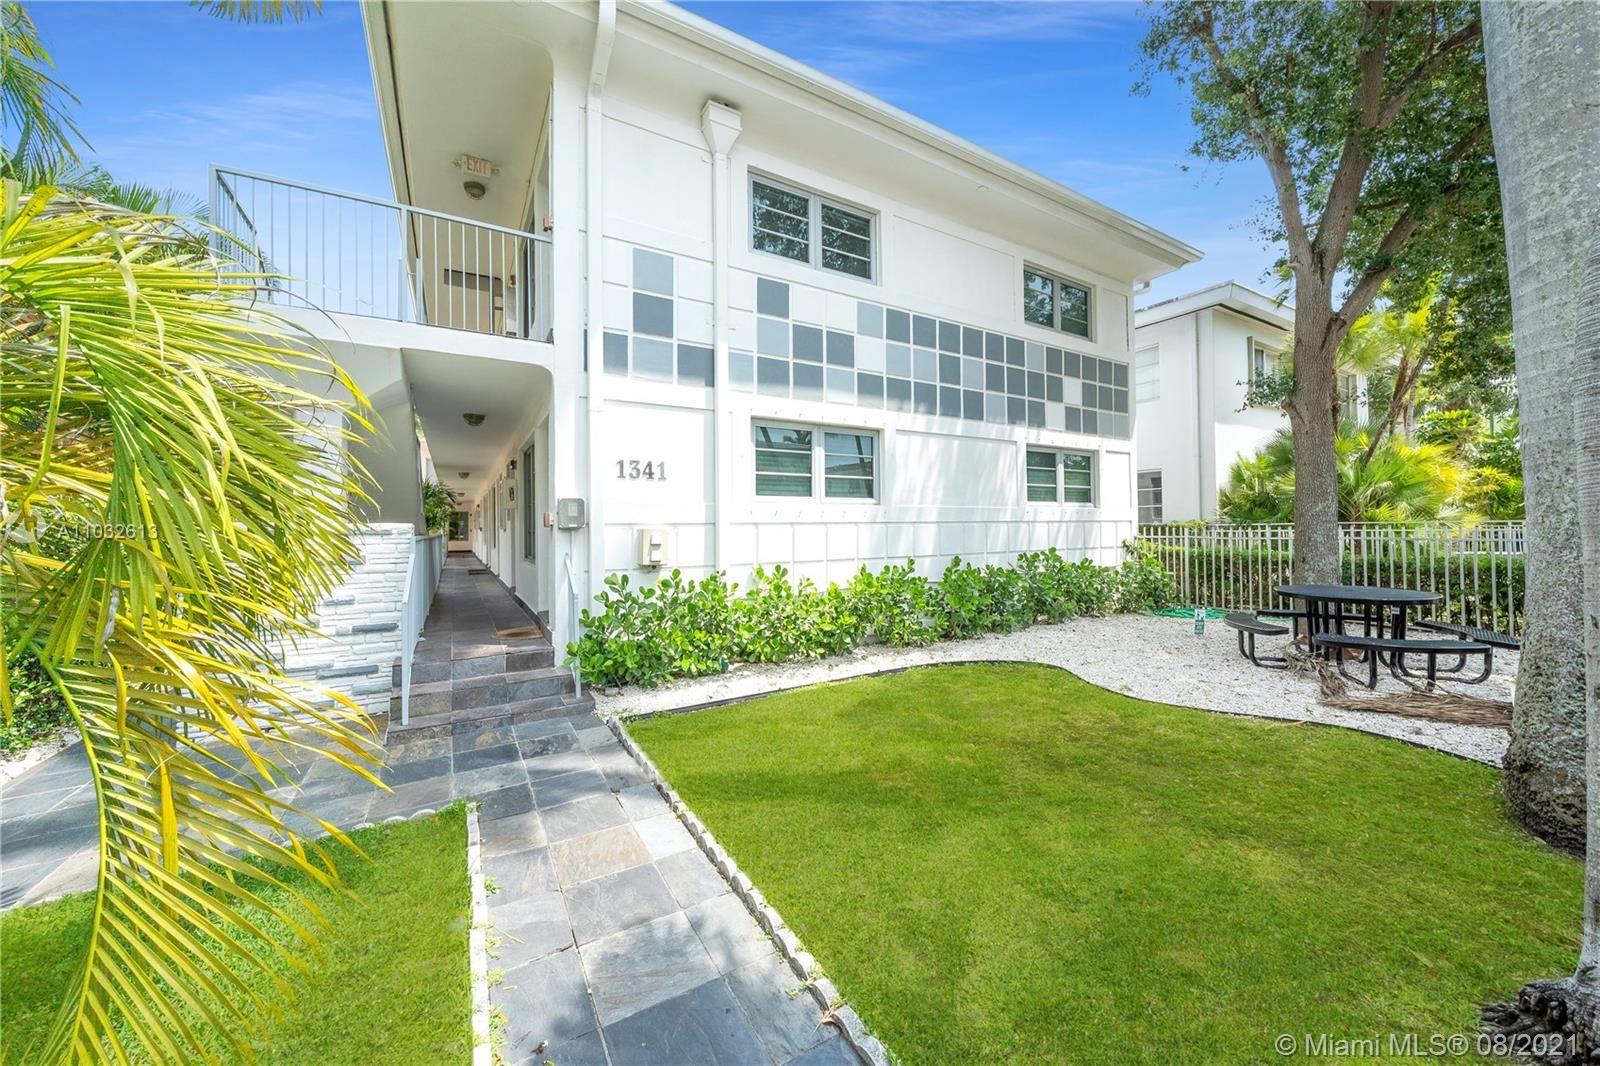 1341 15th St #106, Miami Beach, FL 33139 - #: A11032613